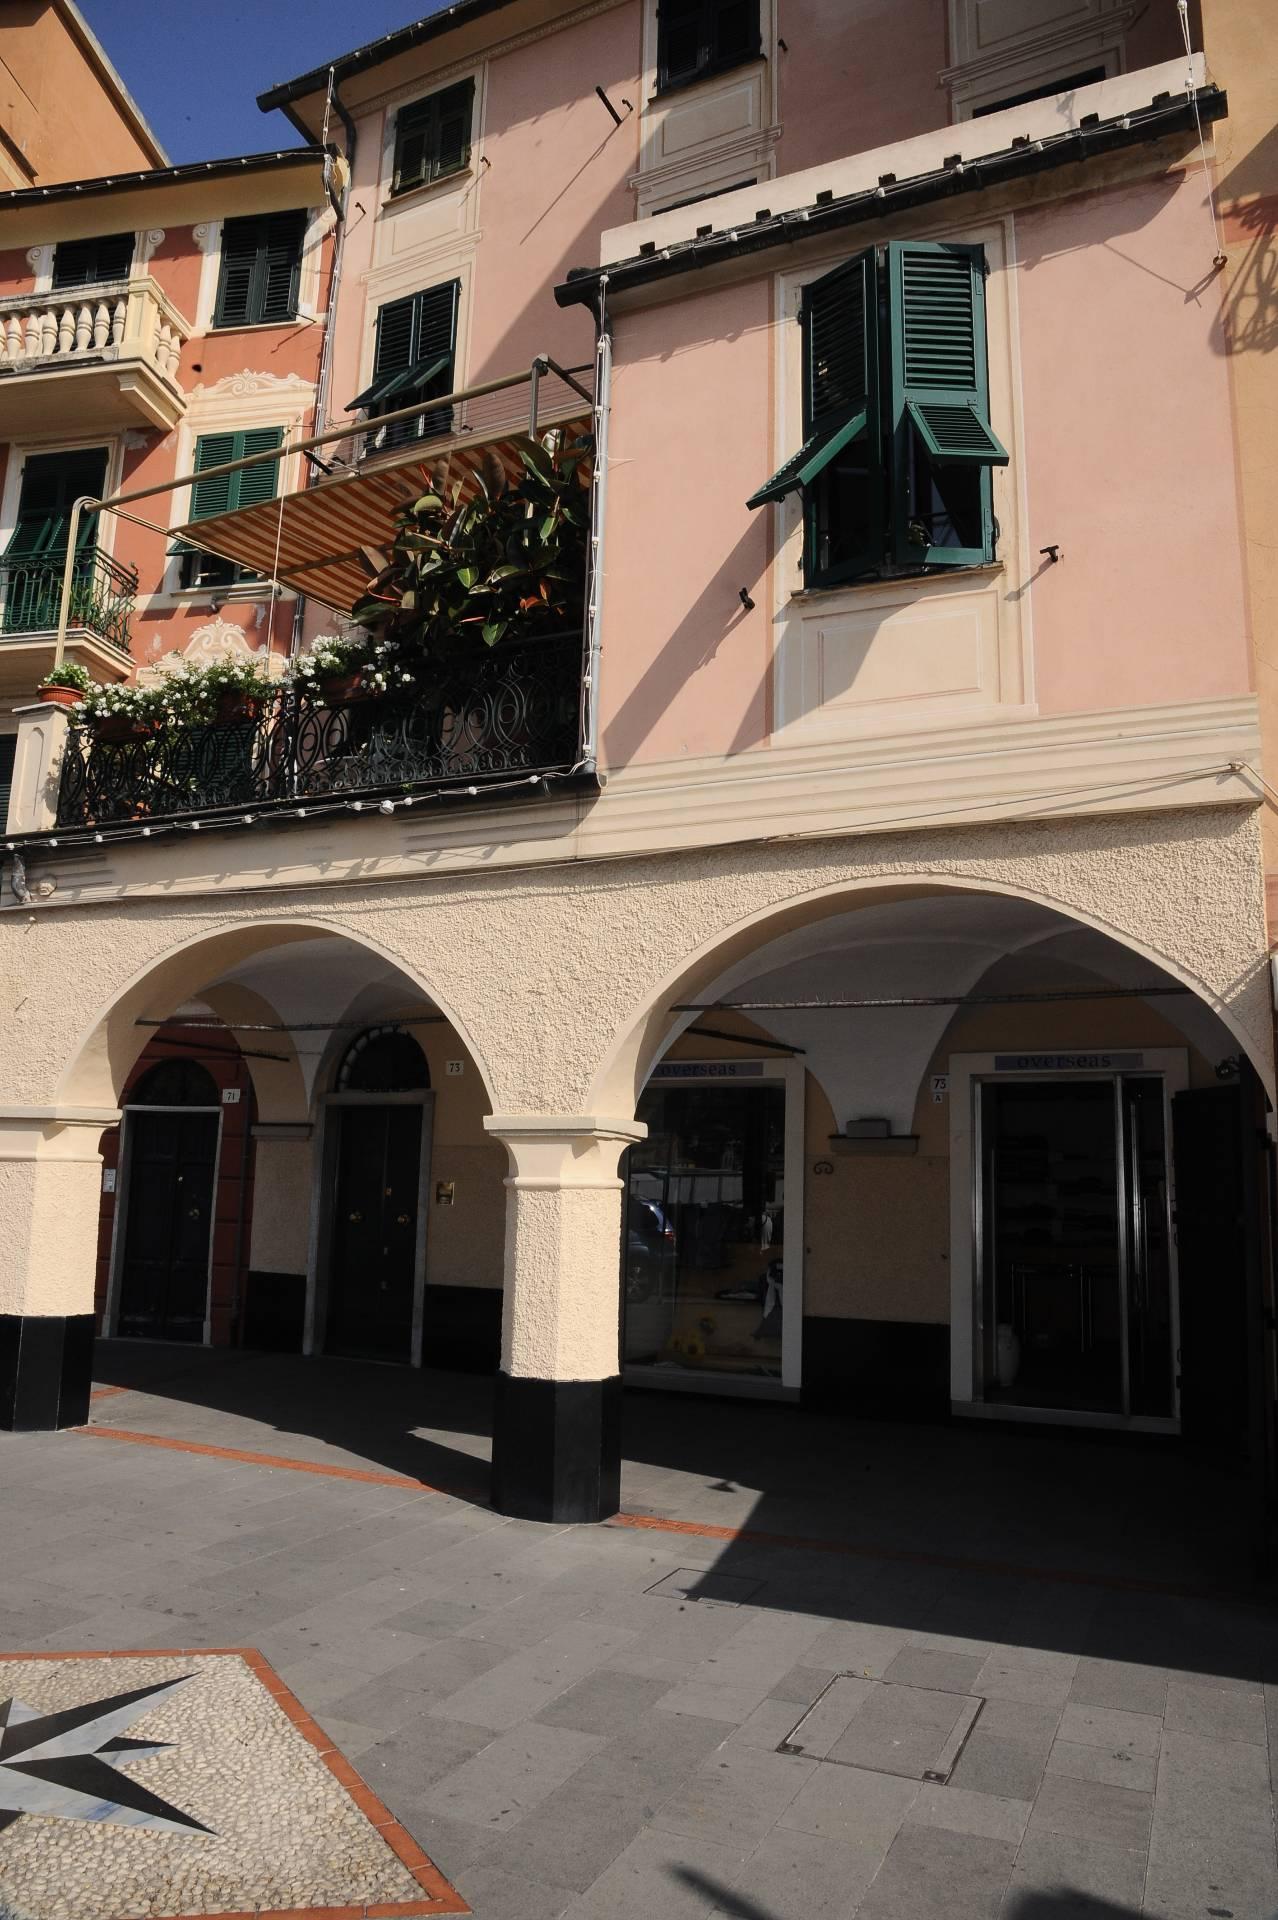 Negozio / Locale in affitto a Santa Margherita Ligure, 9999 locali, prezzo € 1.600 | CambioCasa.it